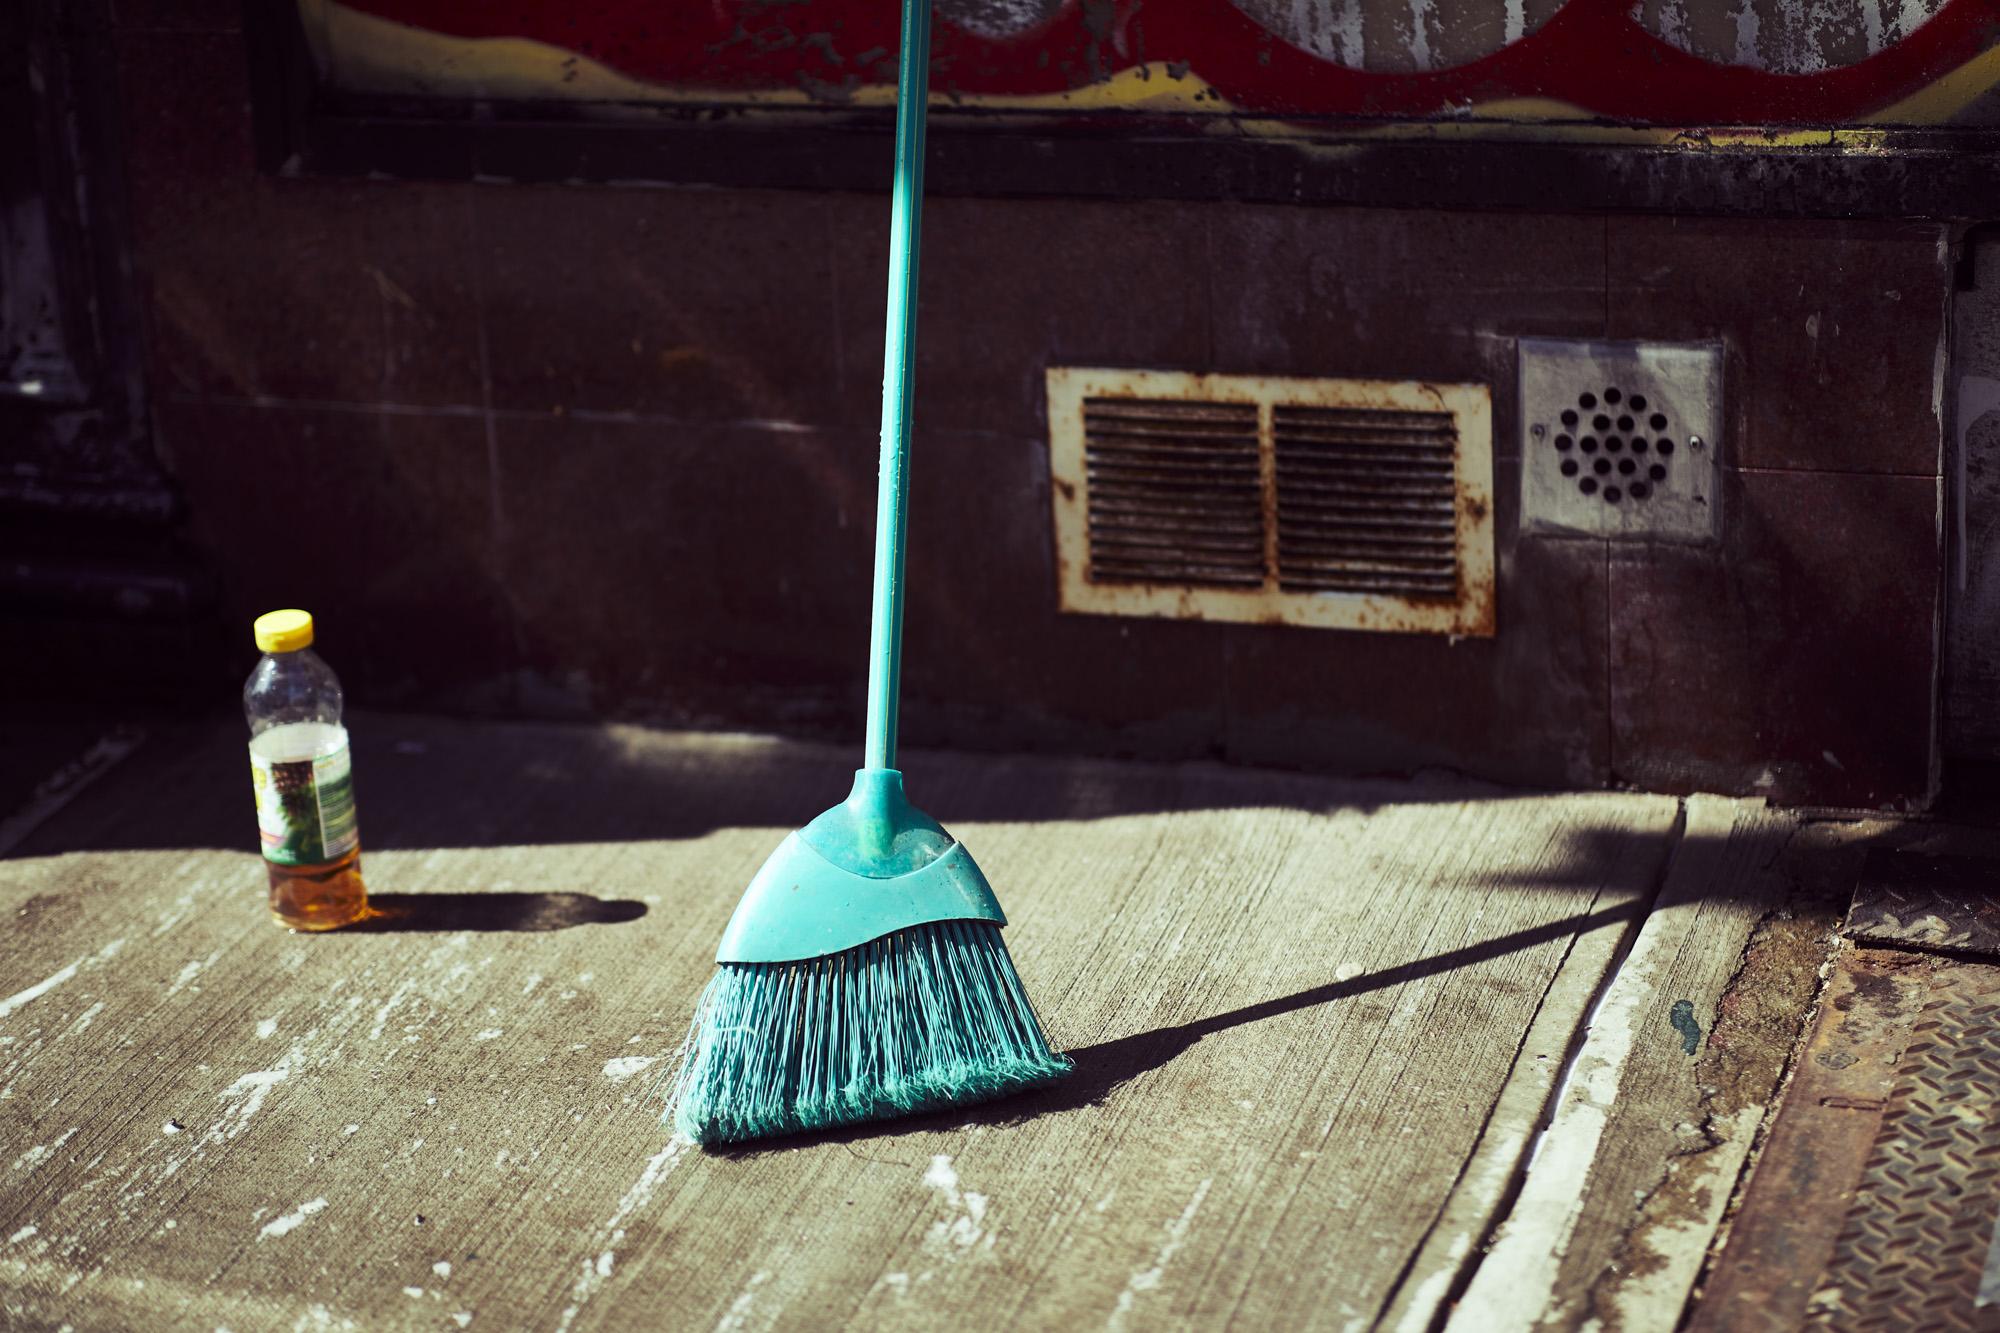 kyrani-kanavaros-new-york-photography-47.jpg